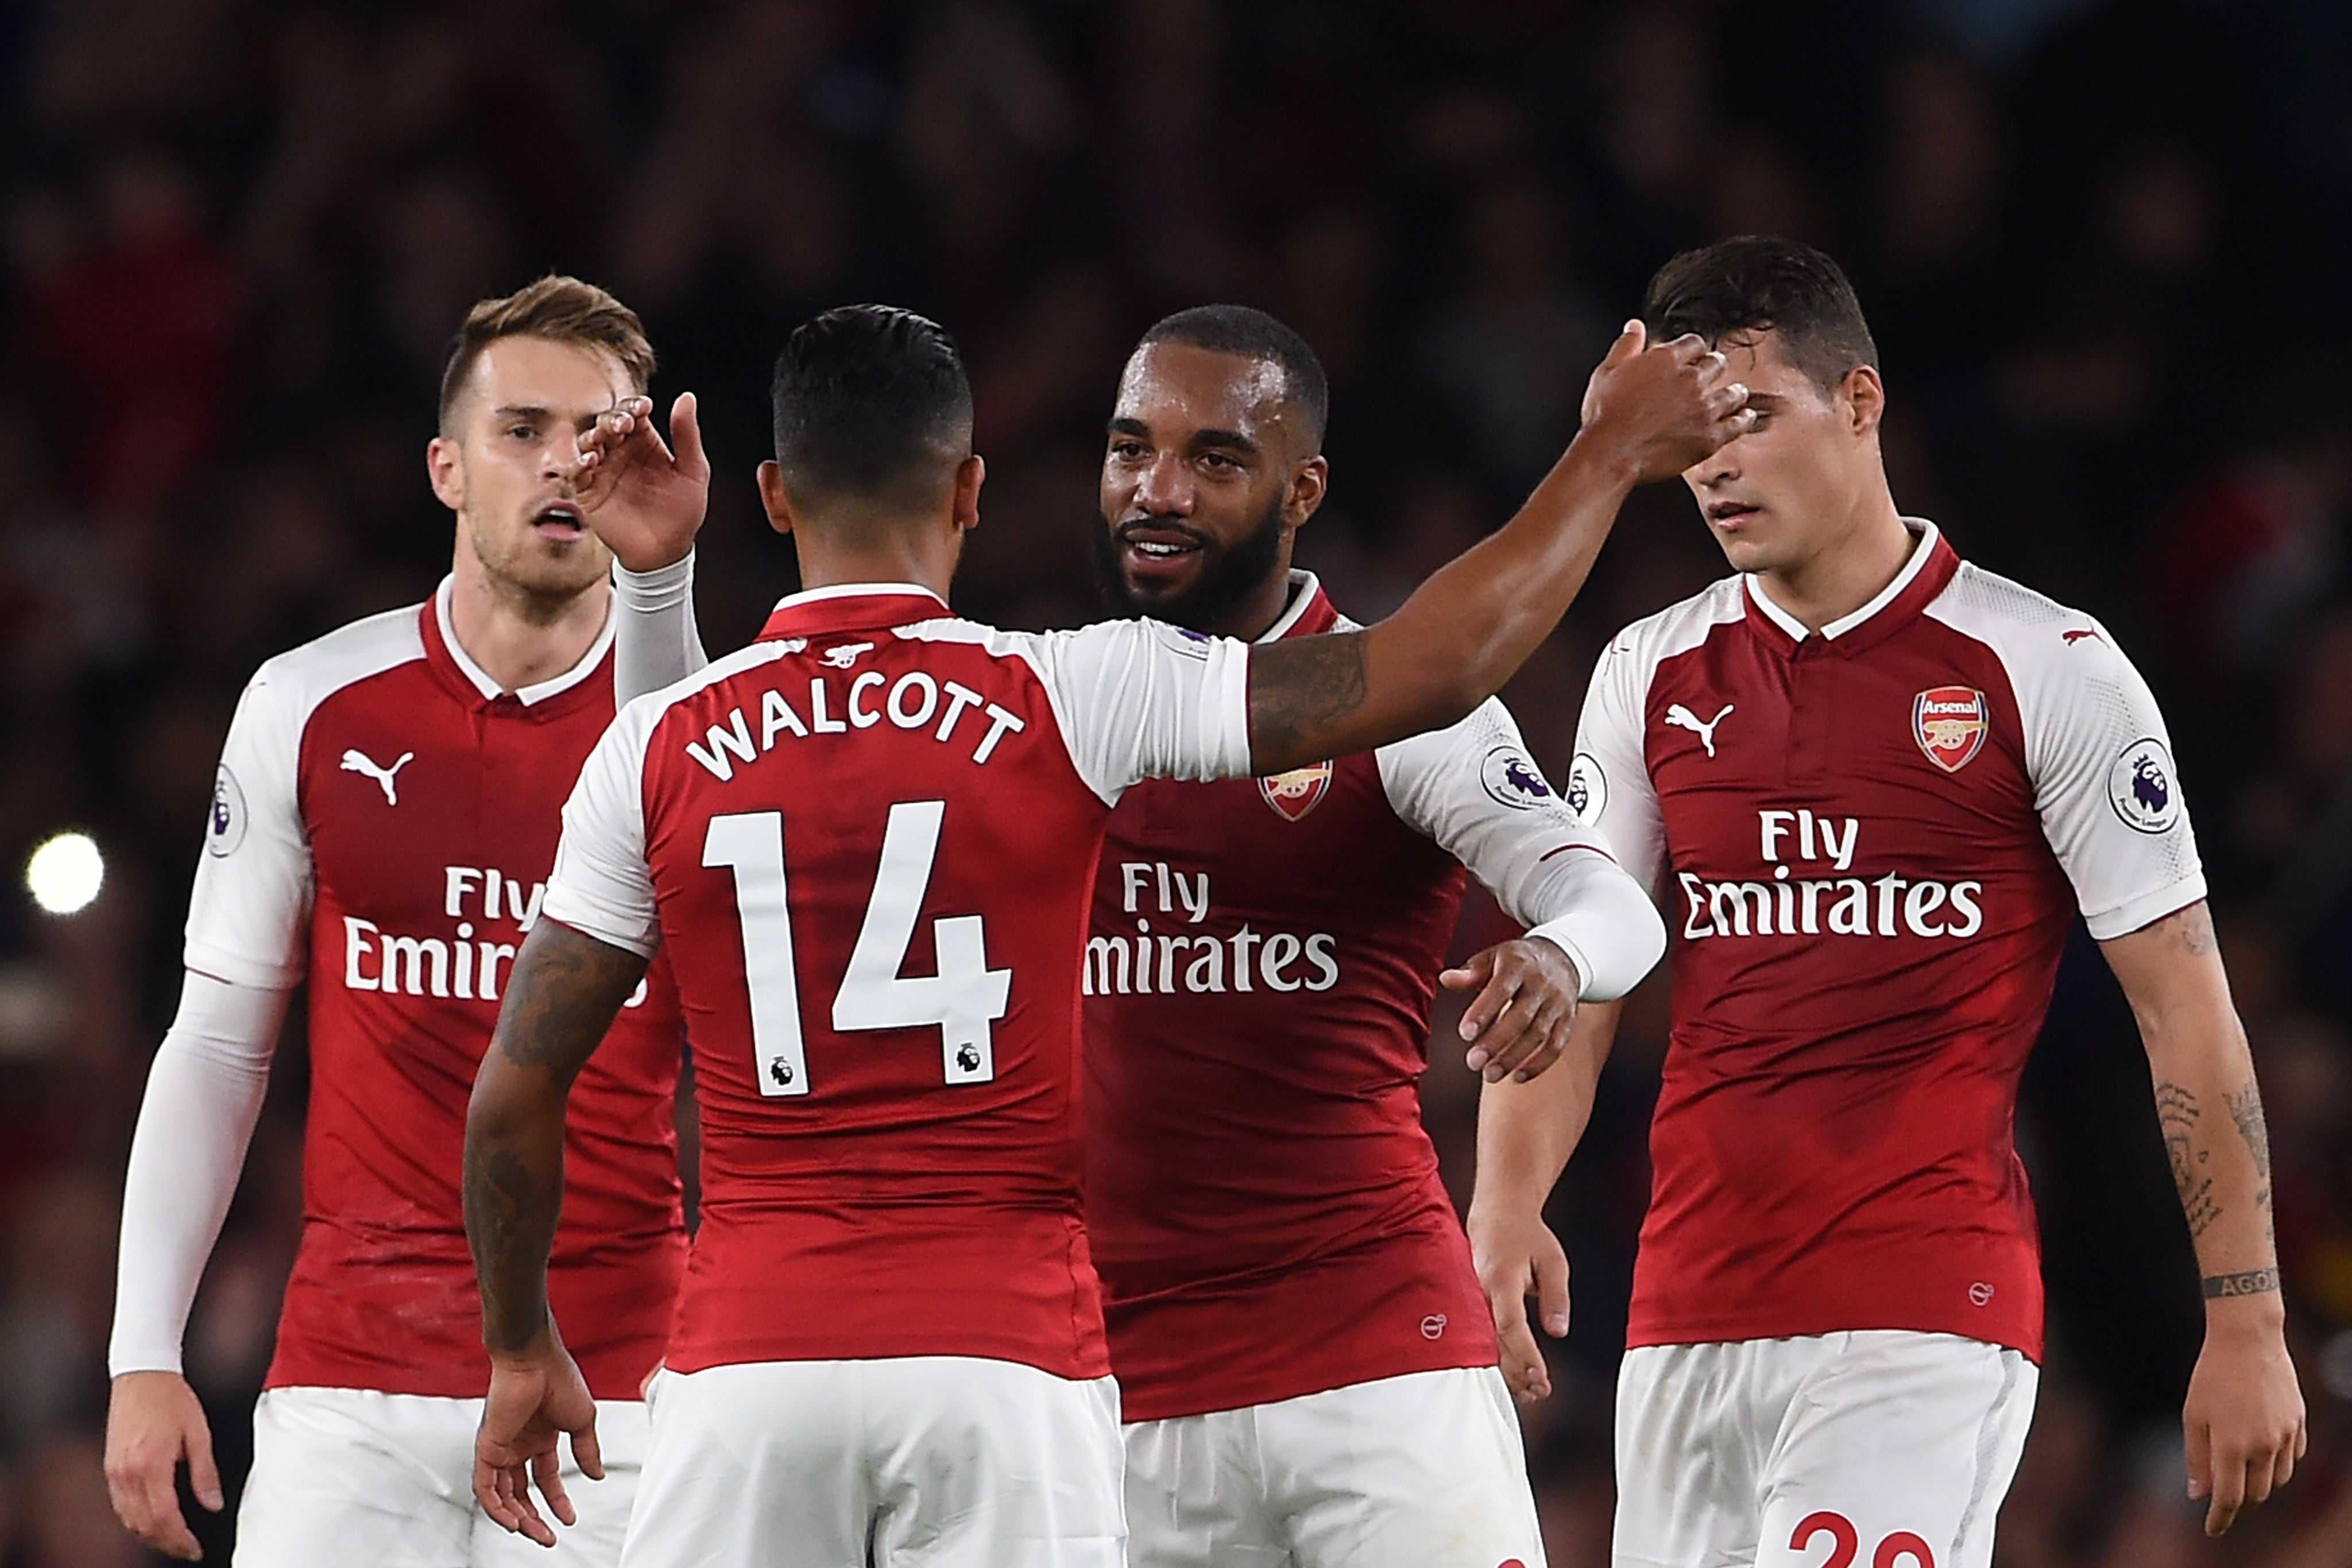 Nhận định Stoke vs Arsenal: 23h30 ngày 19-8, Britannia không làm khó Arsenal